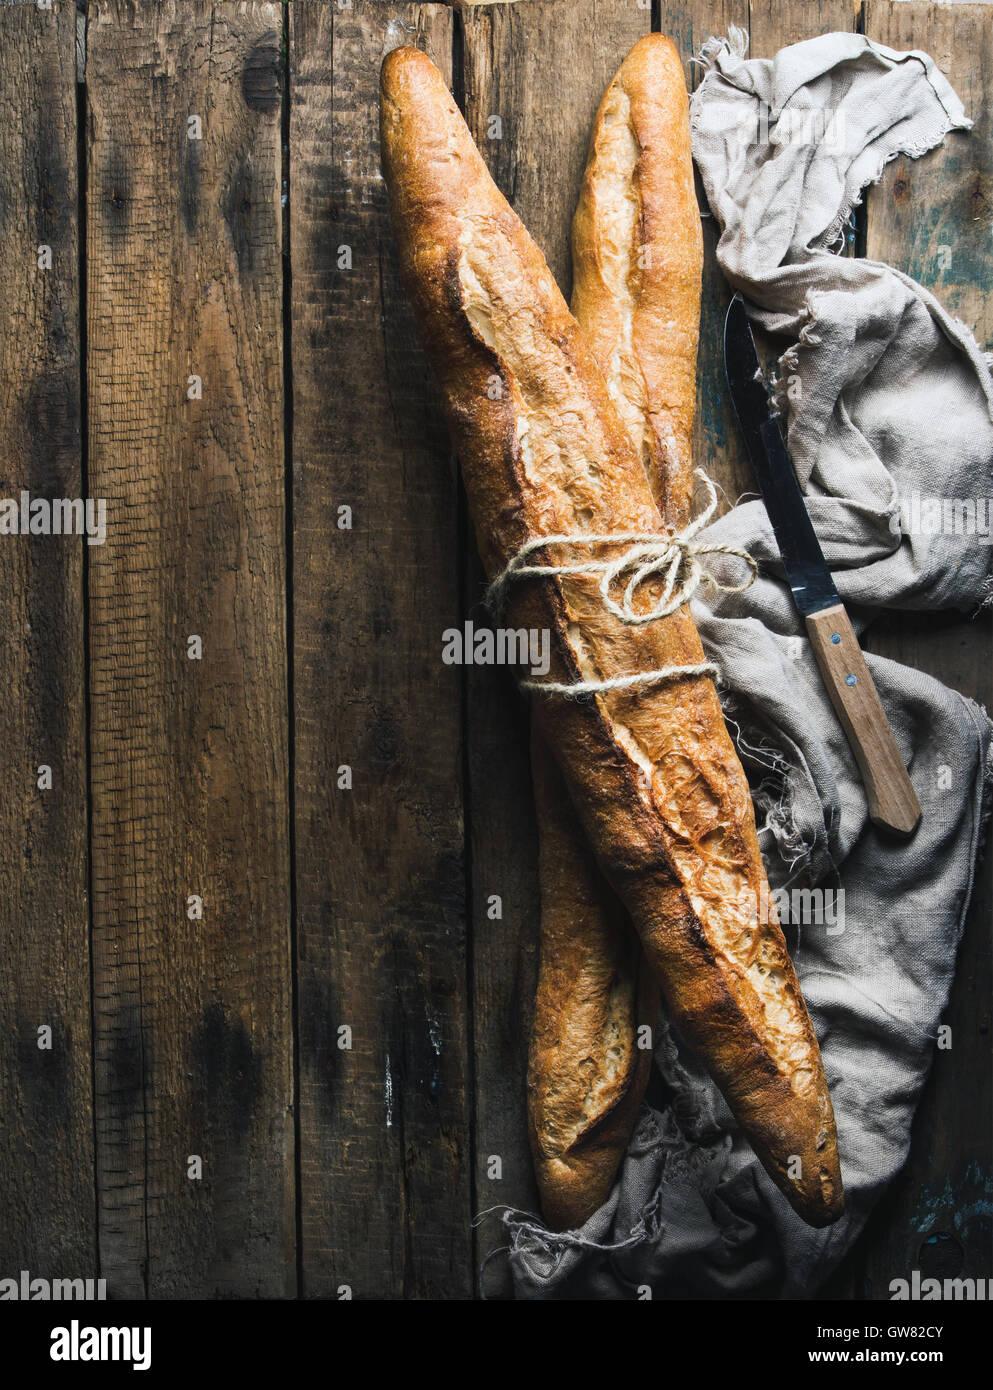 Französische Baguettes auf grobe rustikale Holz Hintergrund Stockbild